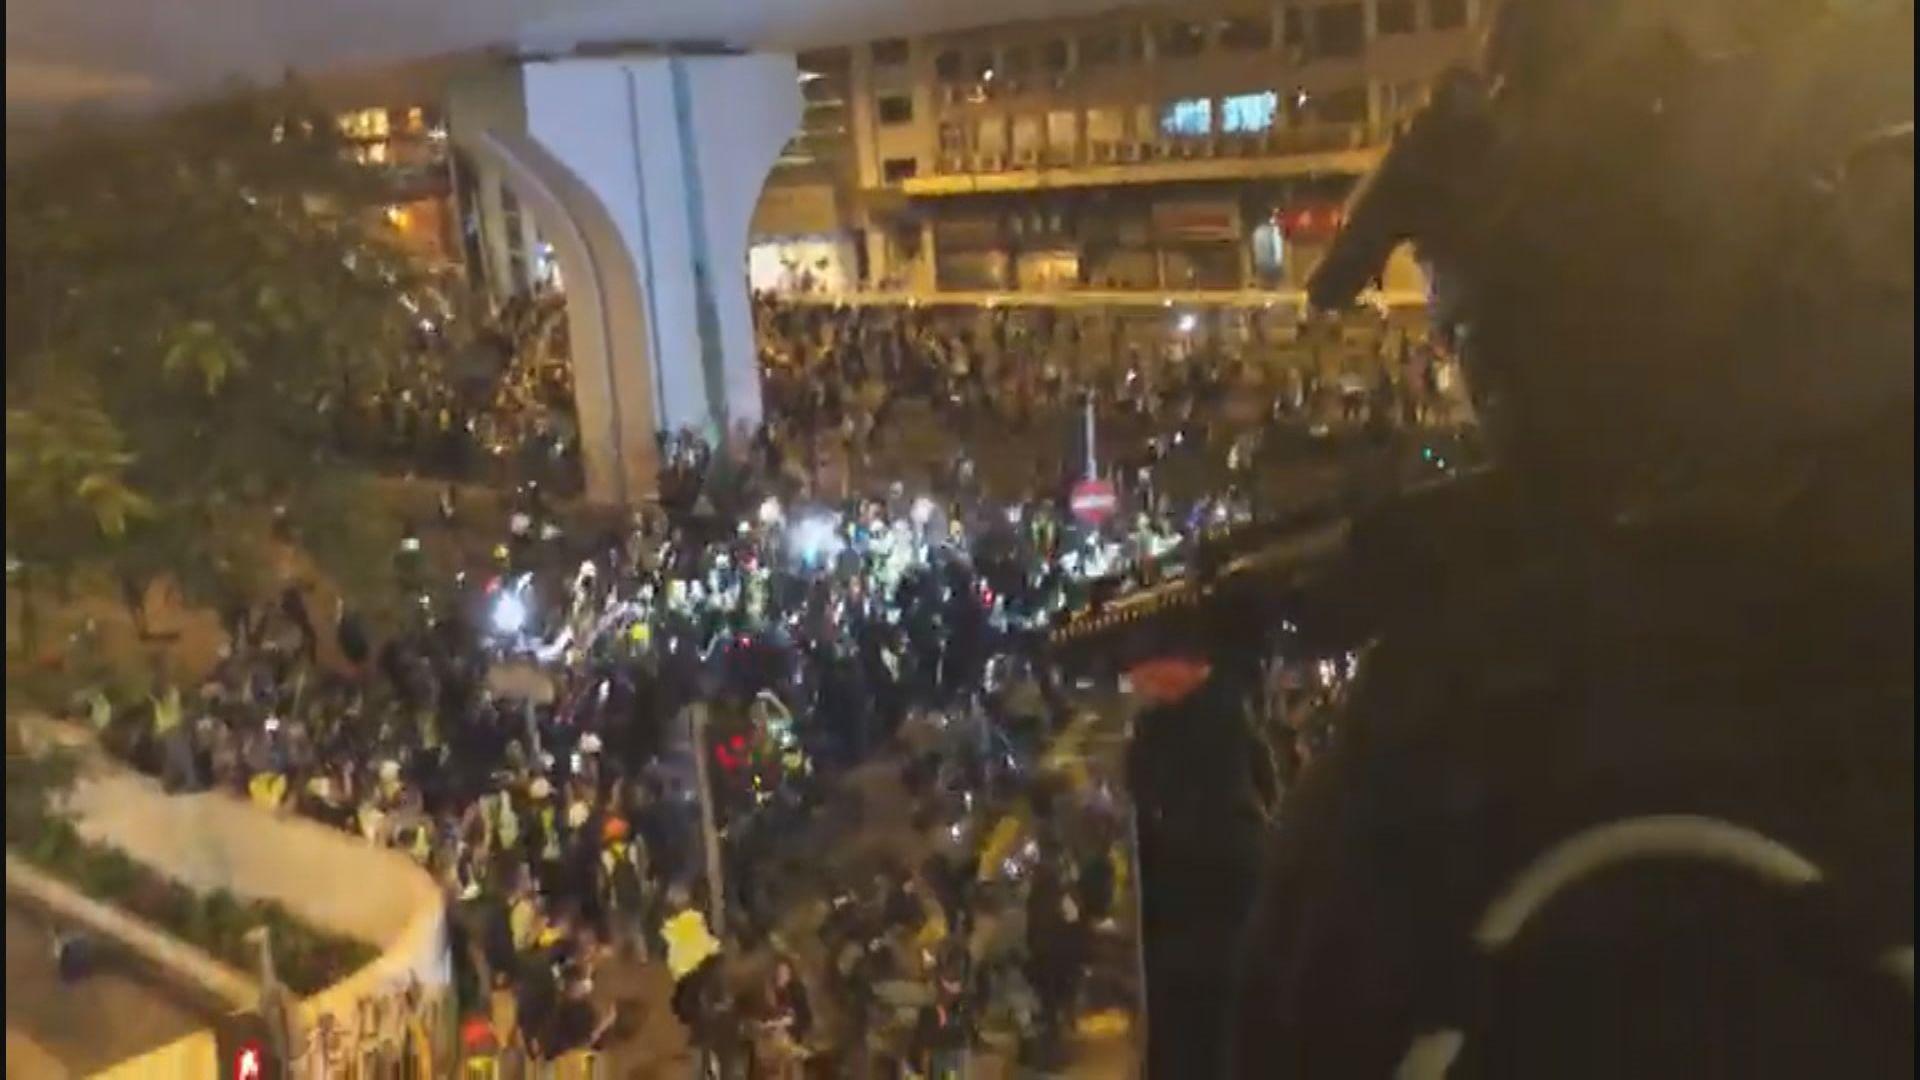 721警方上環驅散示威者未有示警橋上開槍